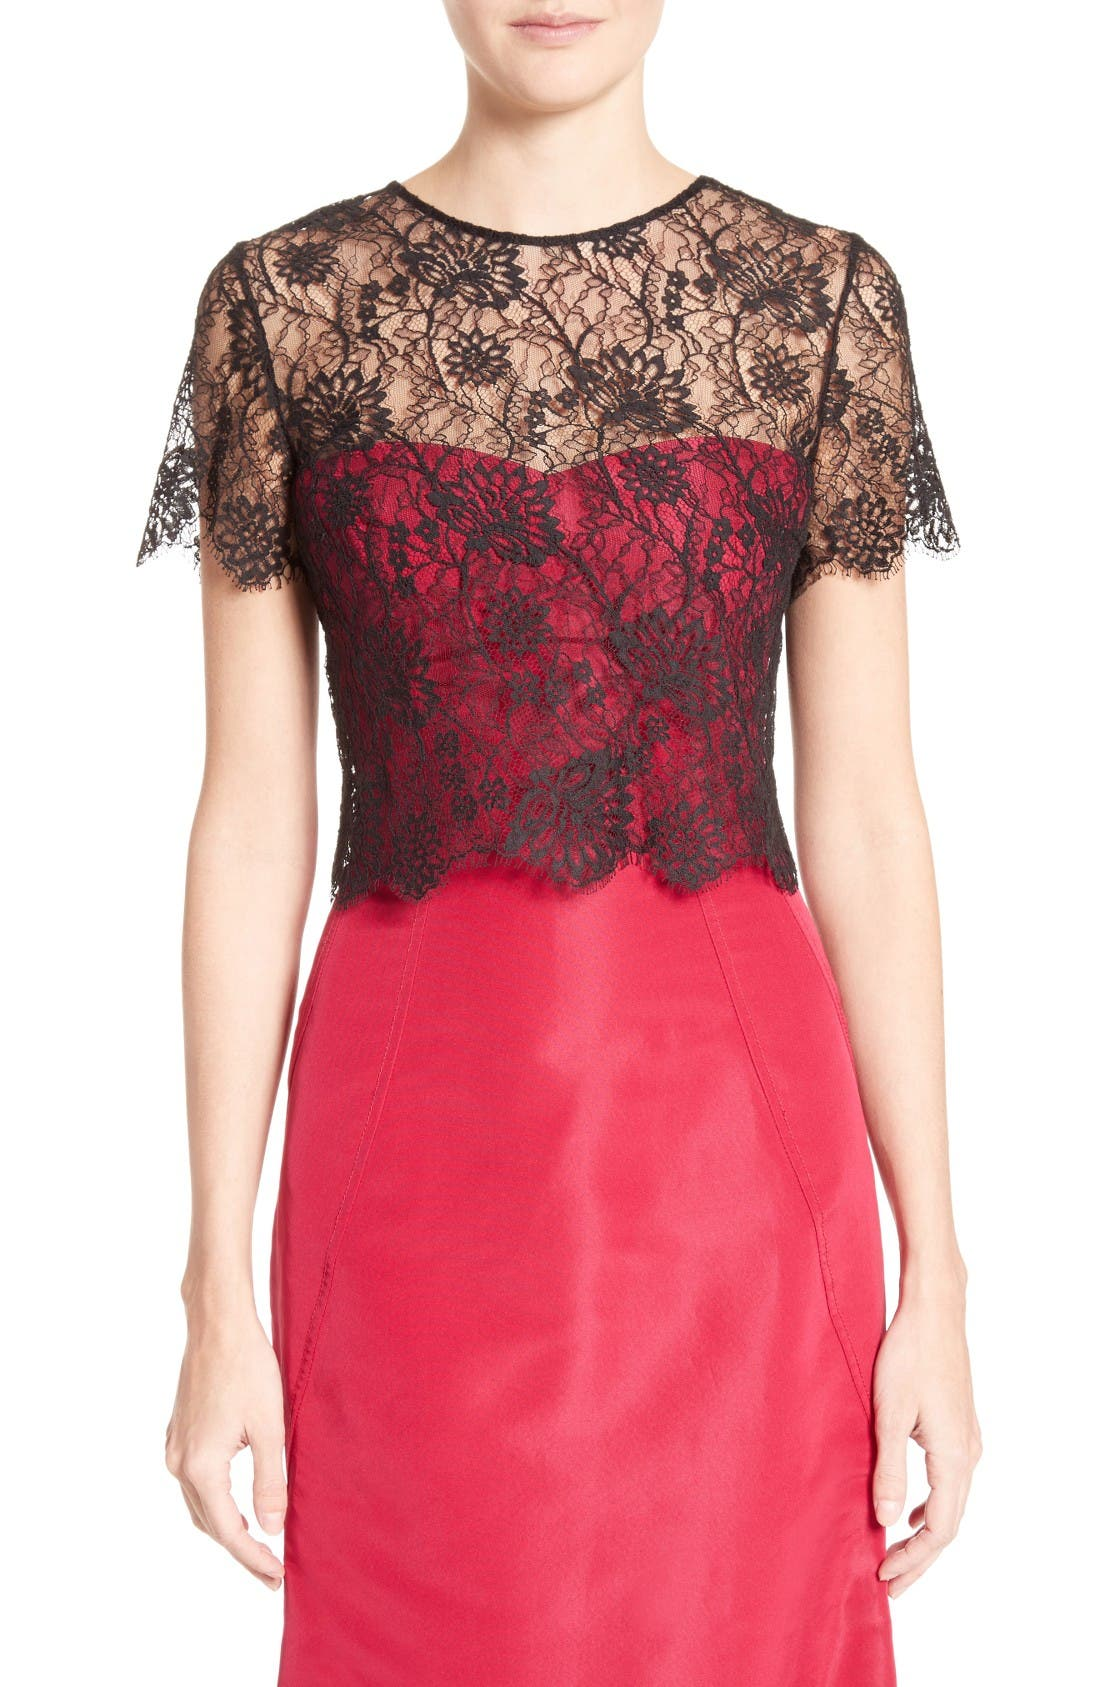 Alternate Image 1 Selected - Oscar de la Renta Tie Back Lace Bolero